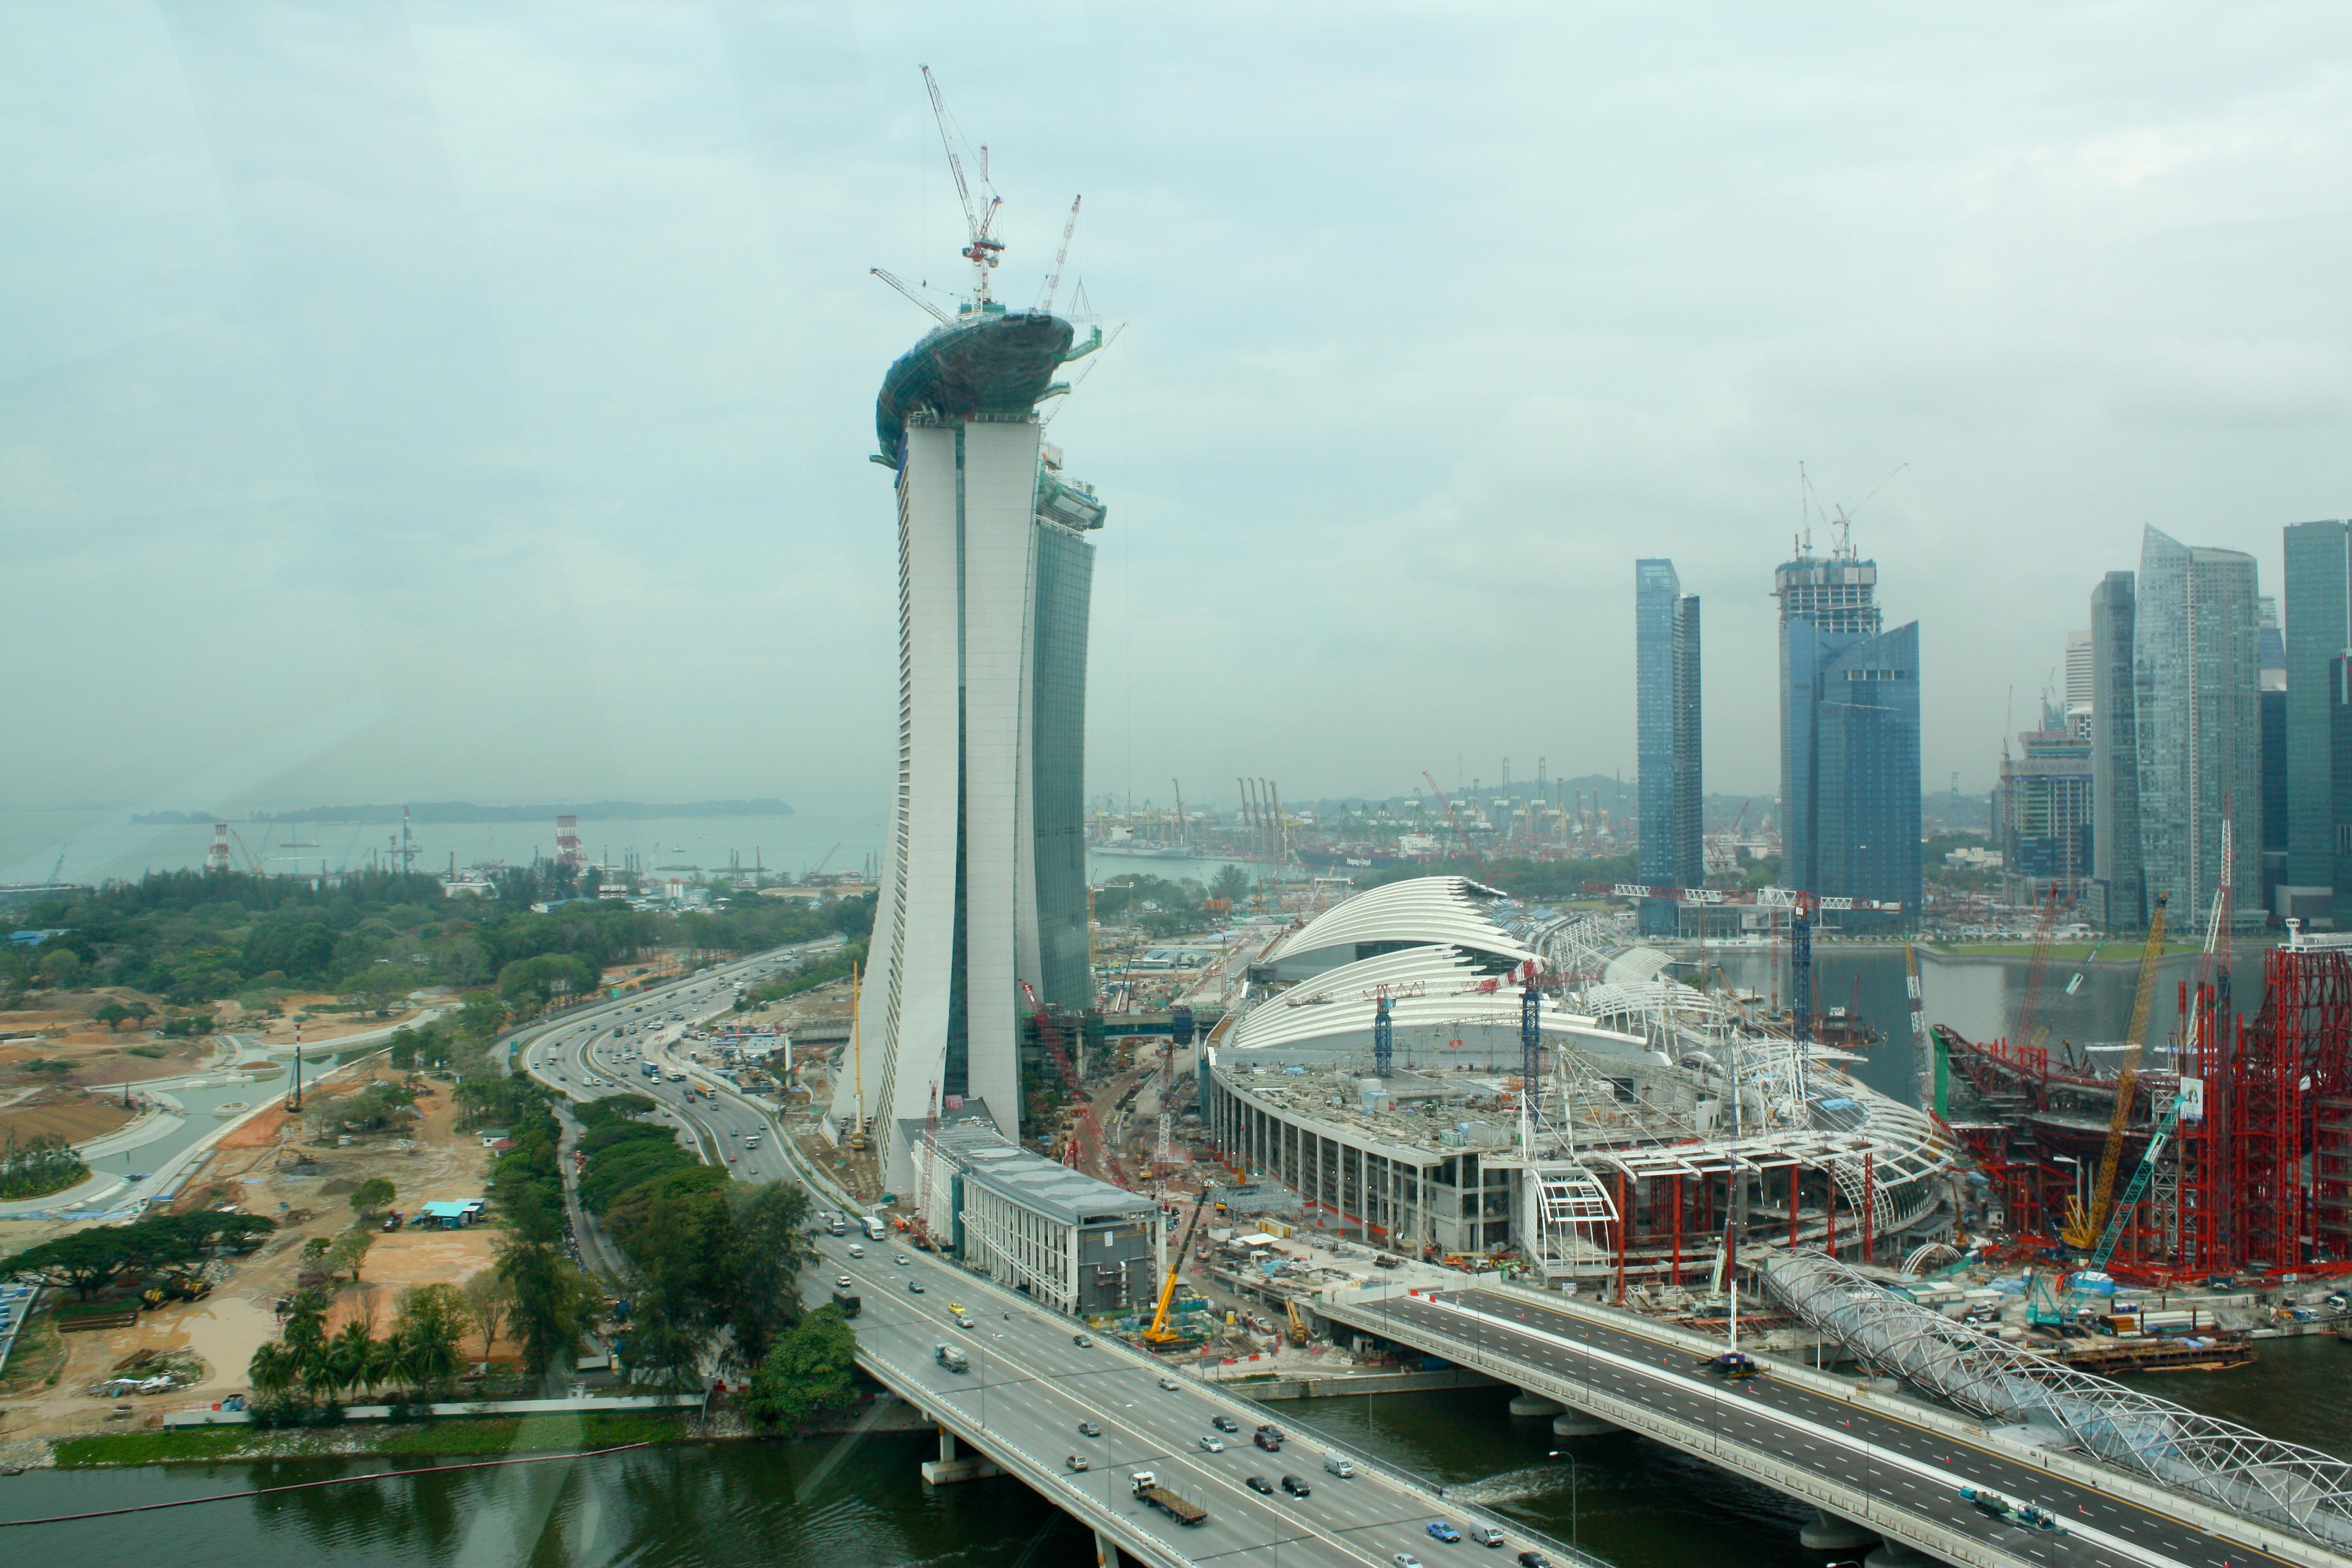 Marina bay casino singapore wiki the isles casino poker